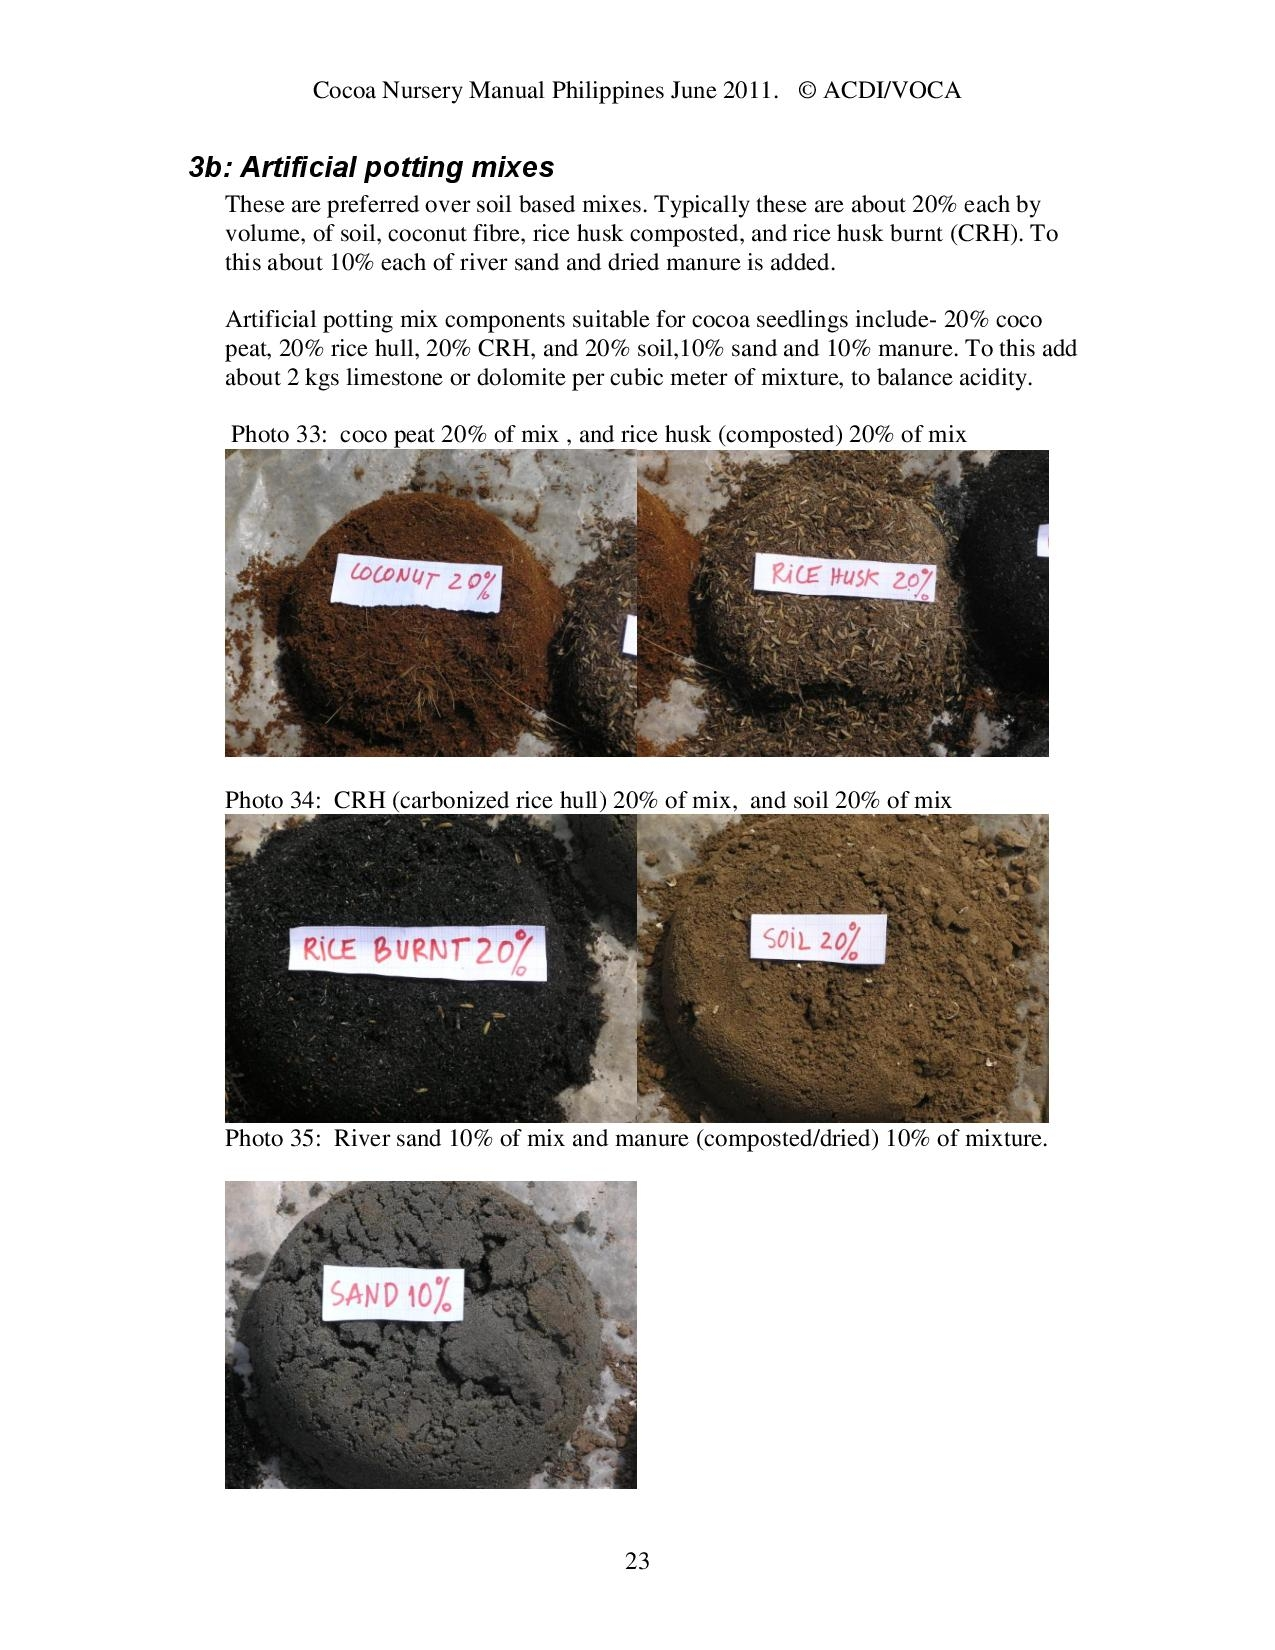 Cocoa-Nursery-Manual-2011_acdi-voca-page-023